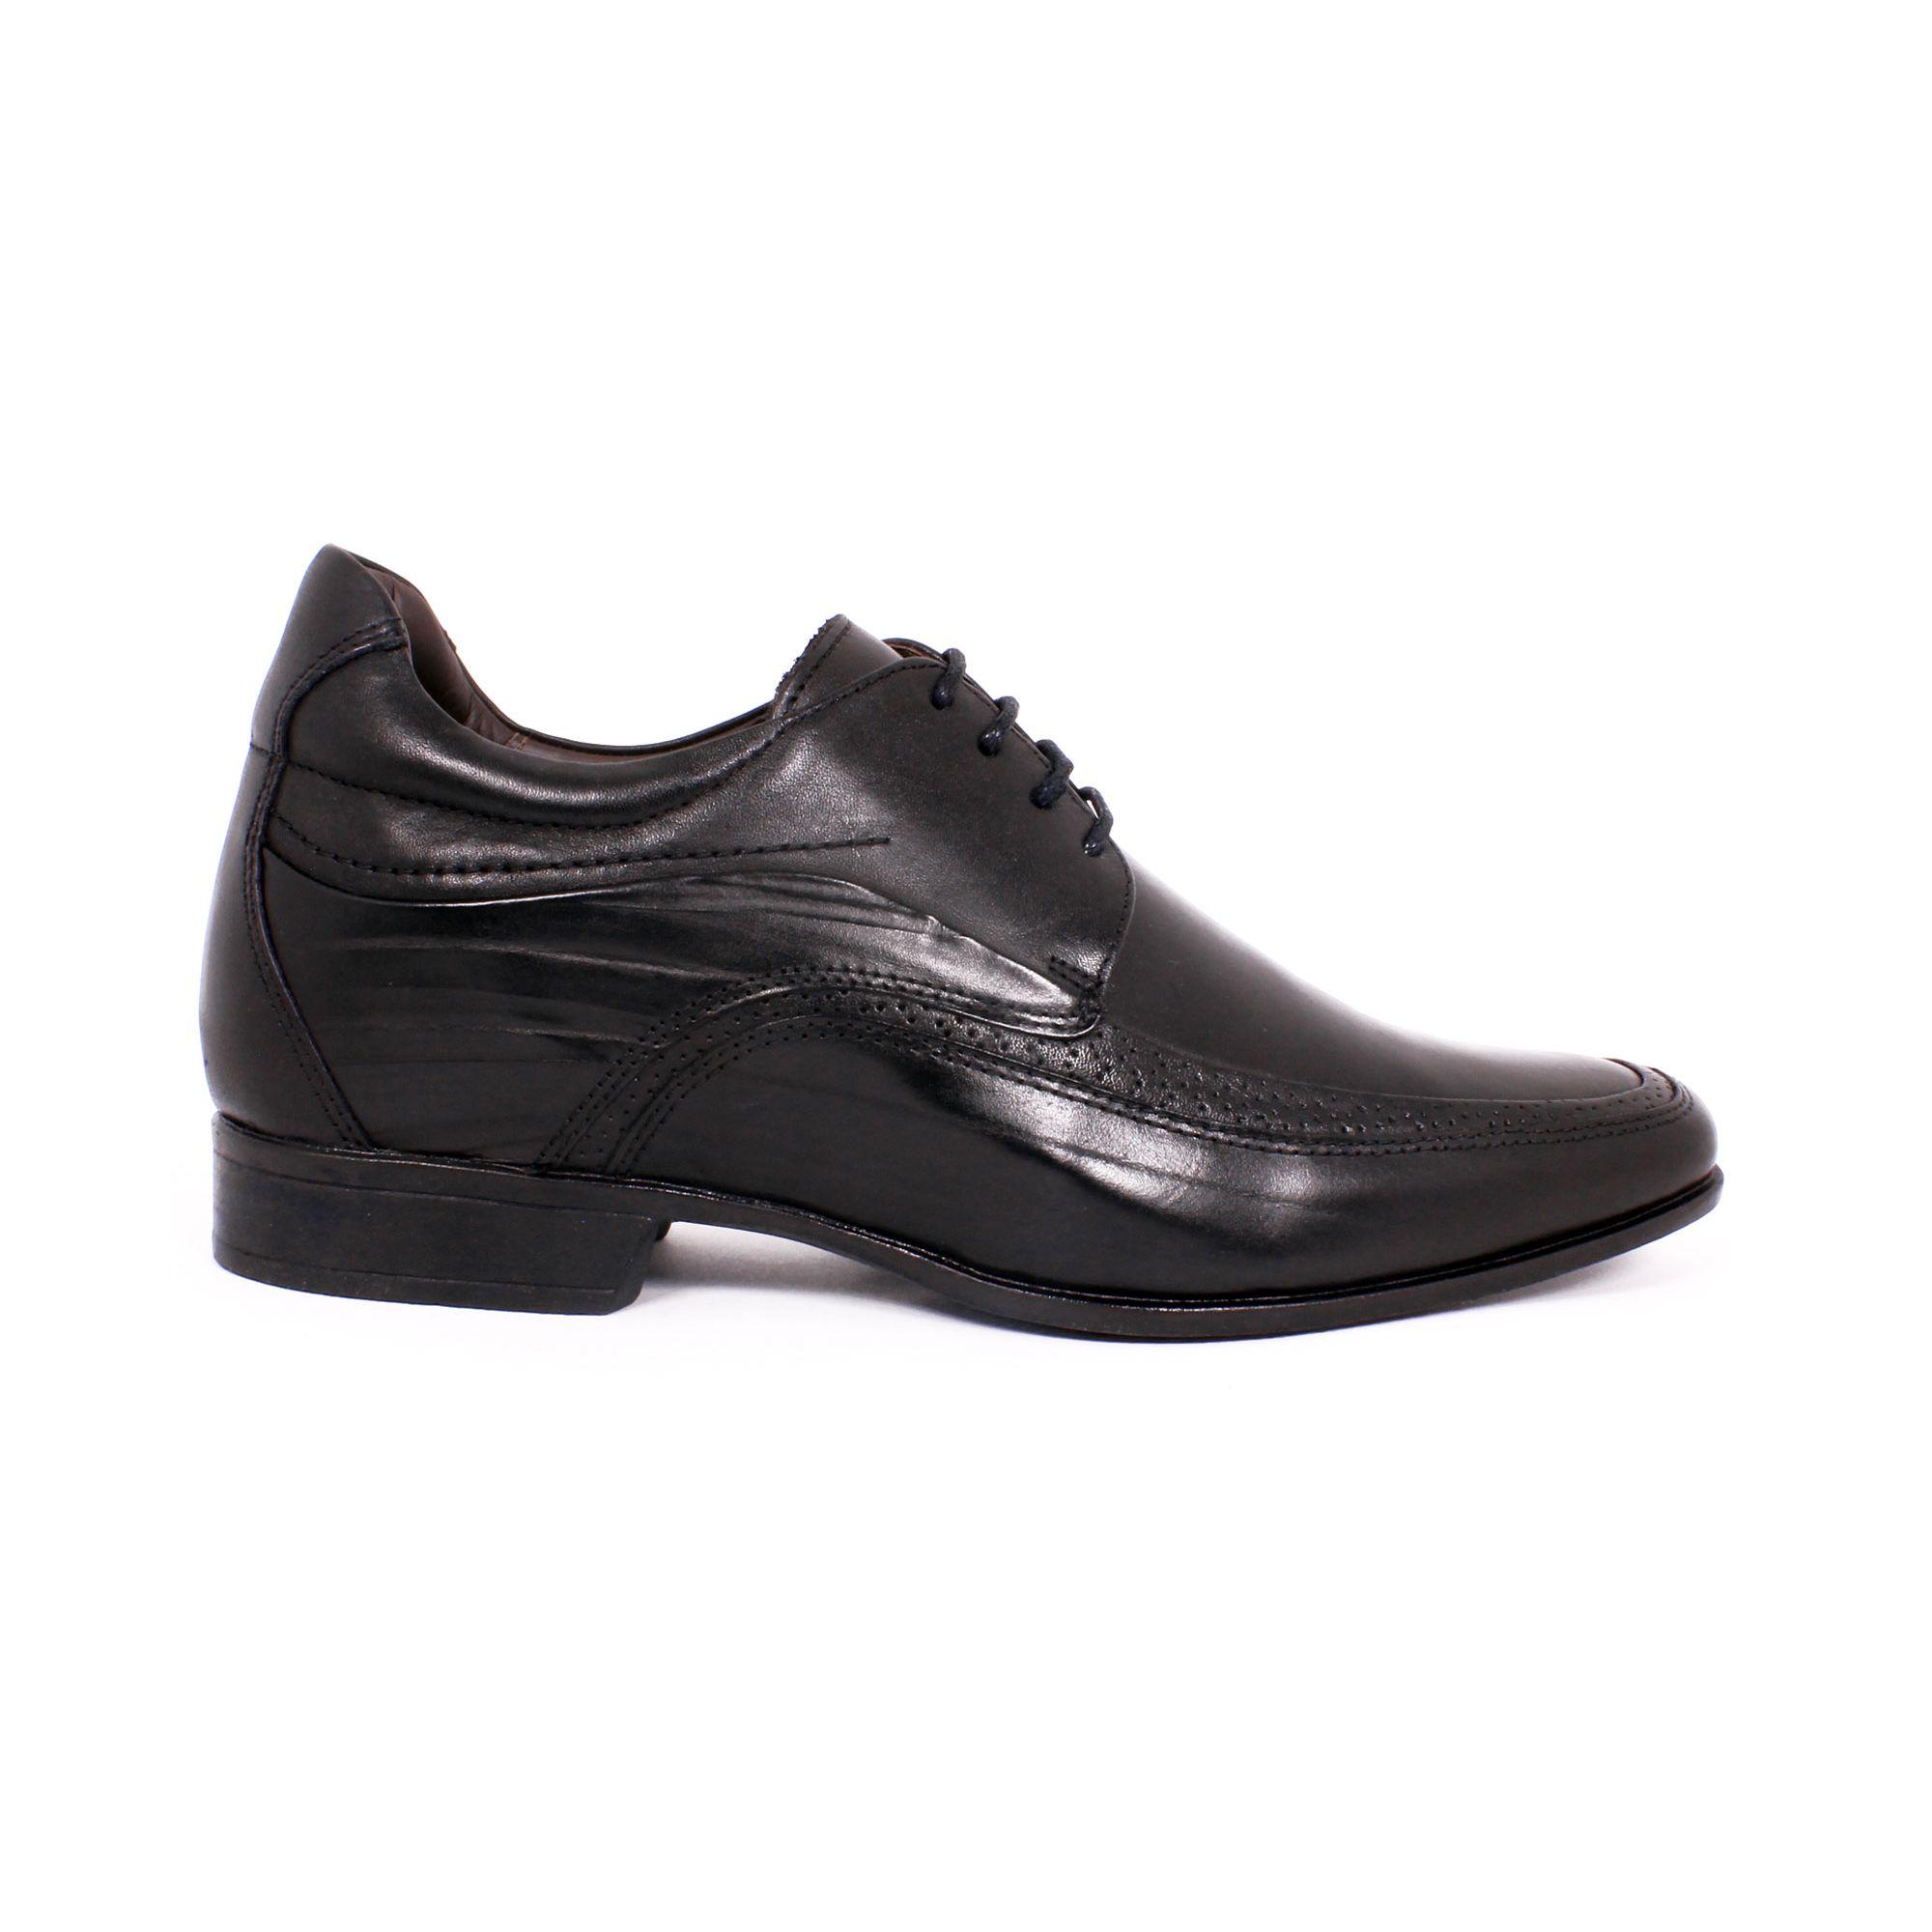 Zapato Formal Manager Negro Max Denegri +7cm de Altura_70828